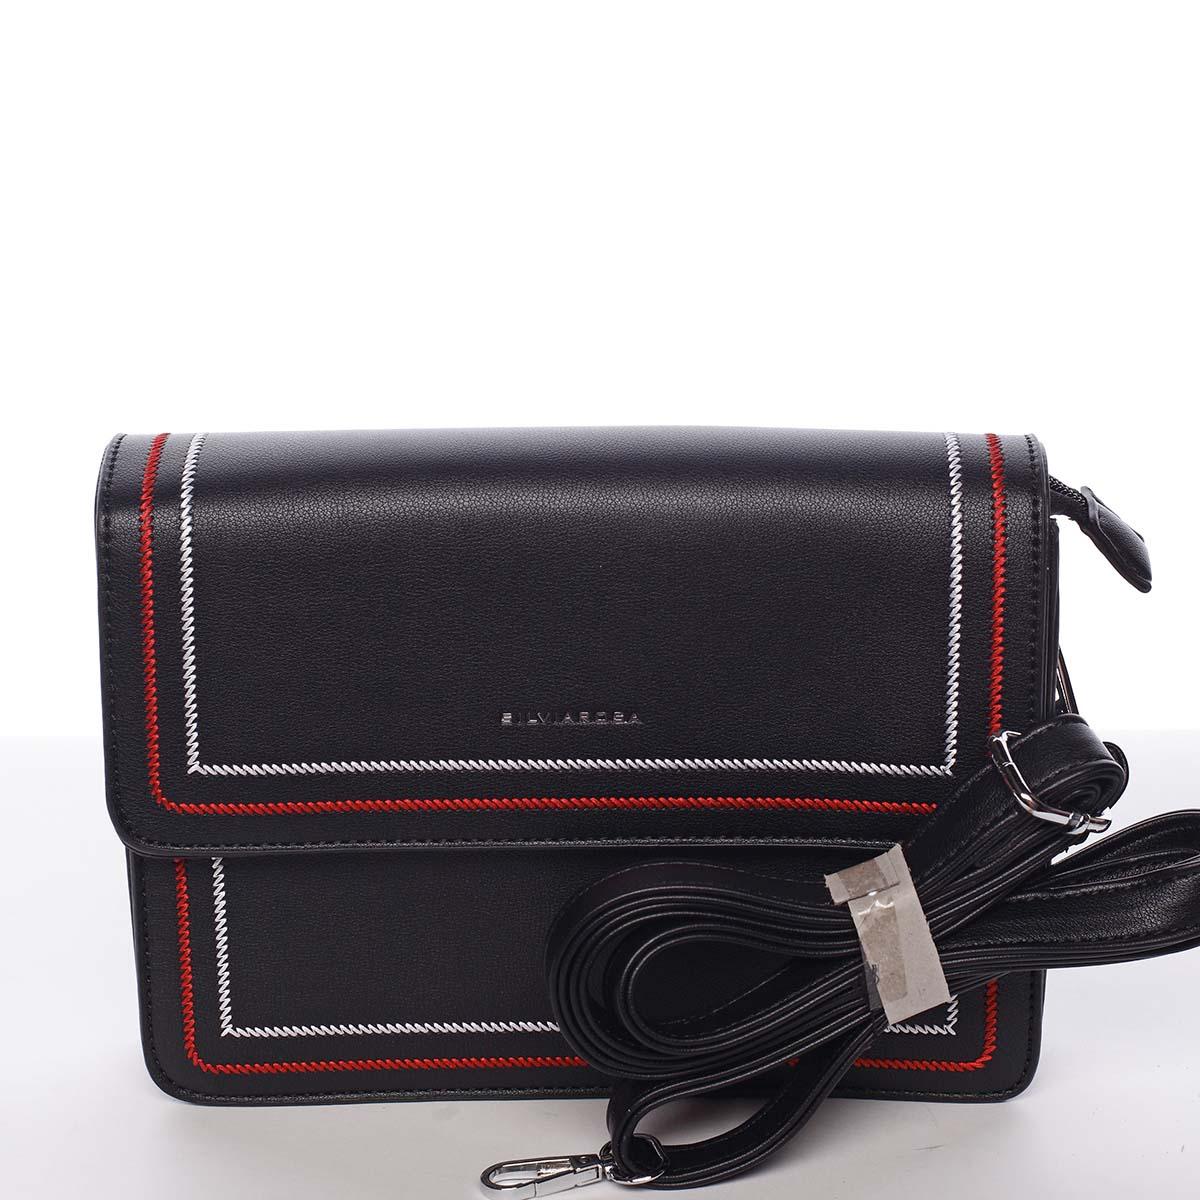 Originálna elegantná crossbody kabelka čierna - Silvia Rosa Cielo